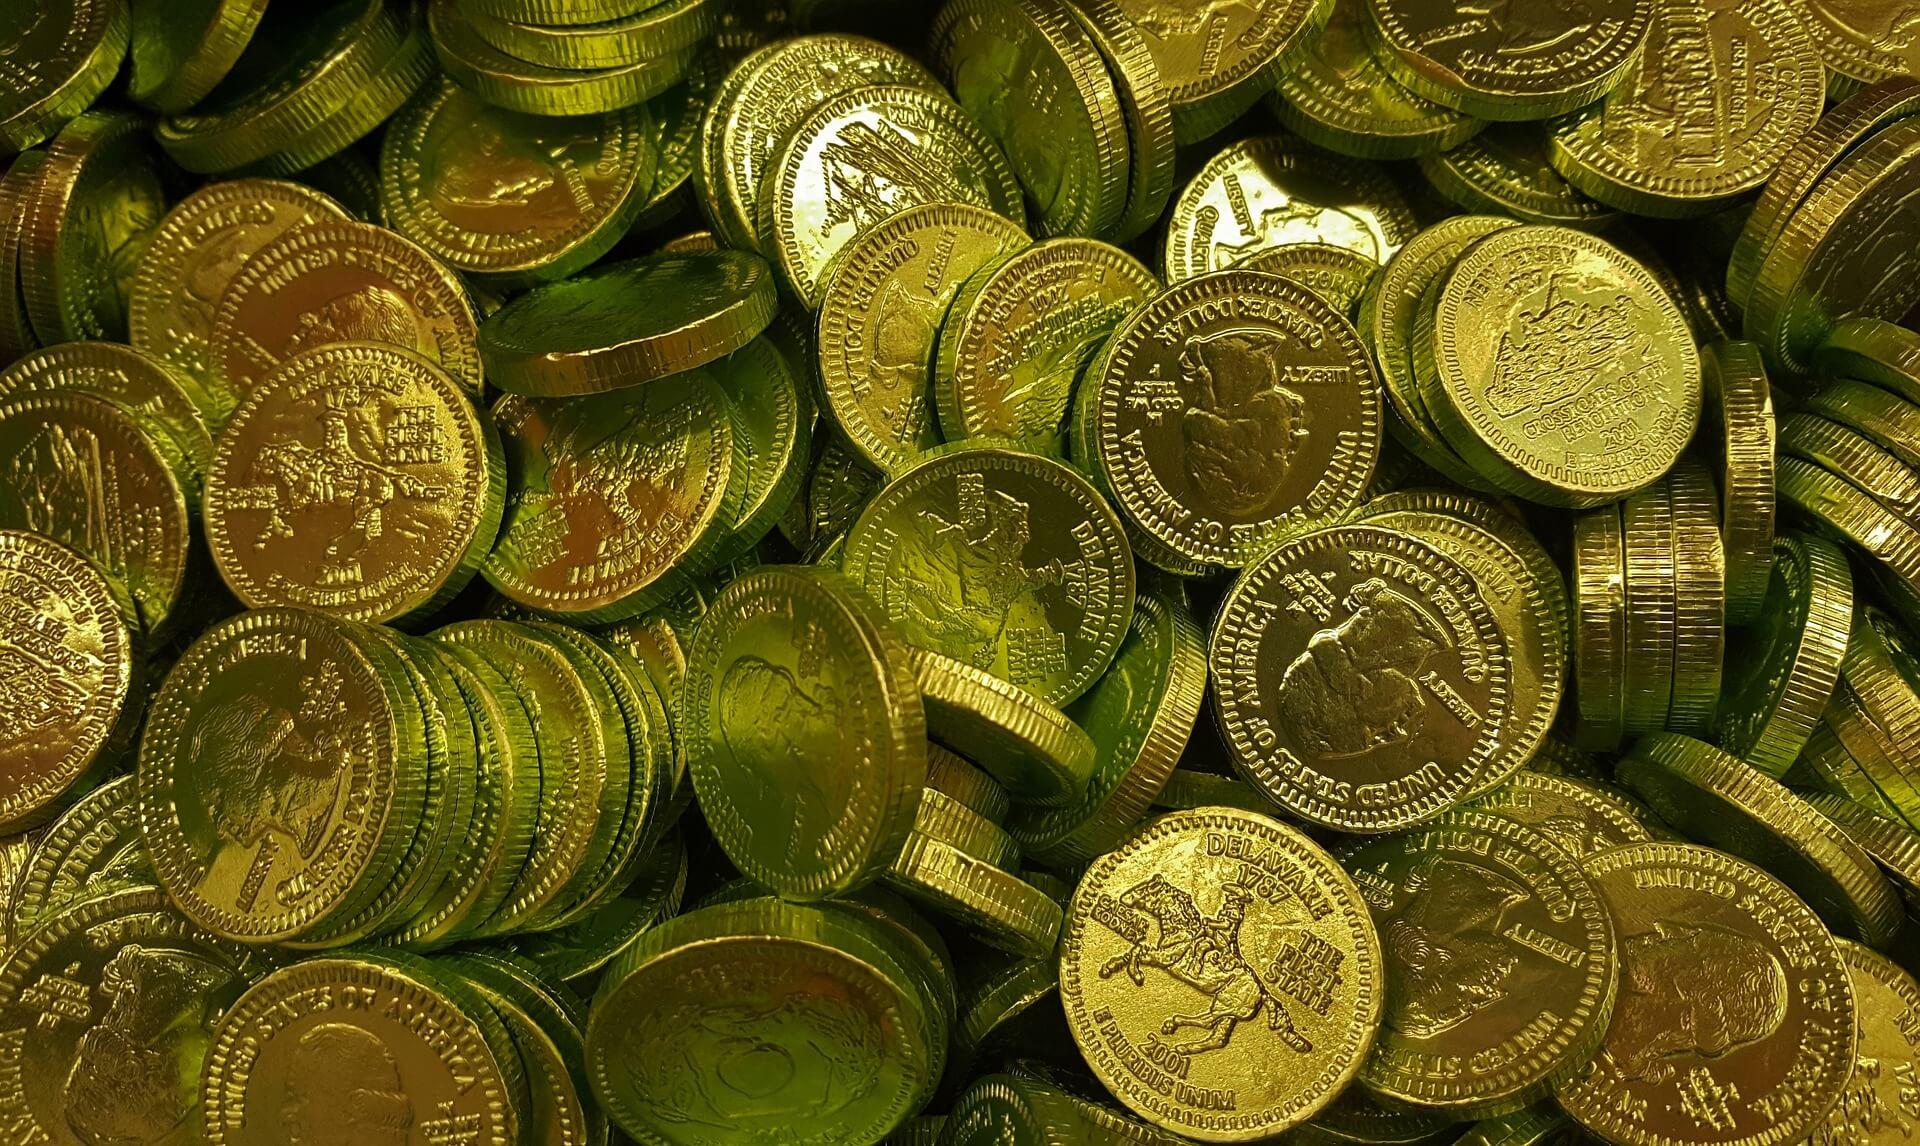 Münzen als Symbol für Schätze